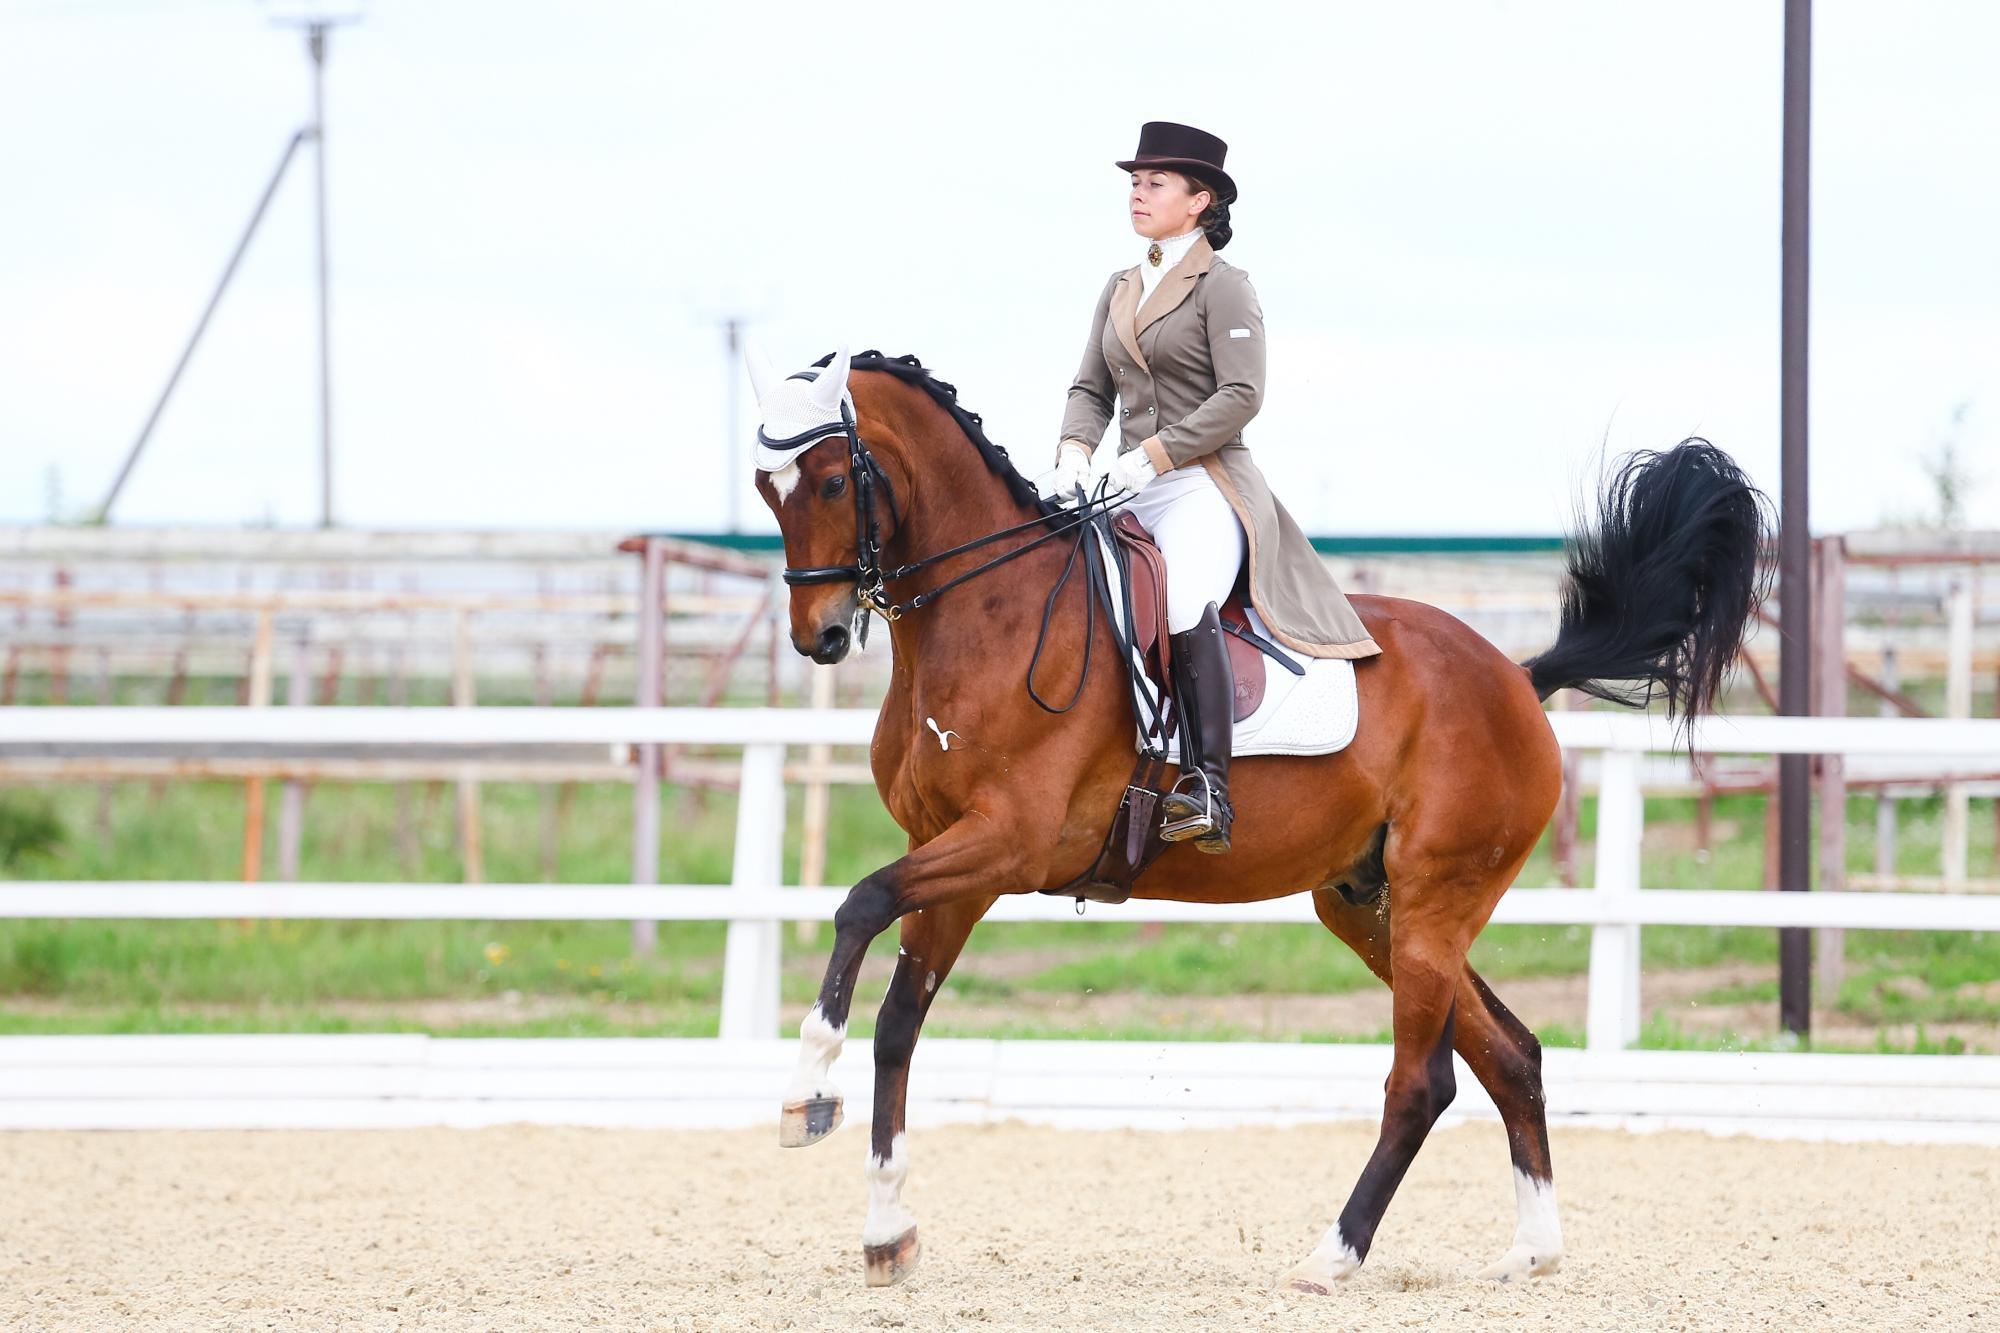 Среднепризный конь в Москве 89175571009 купить 2